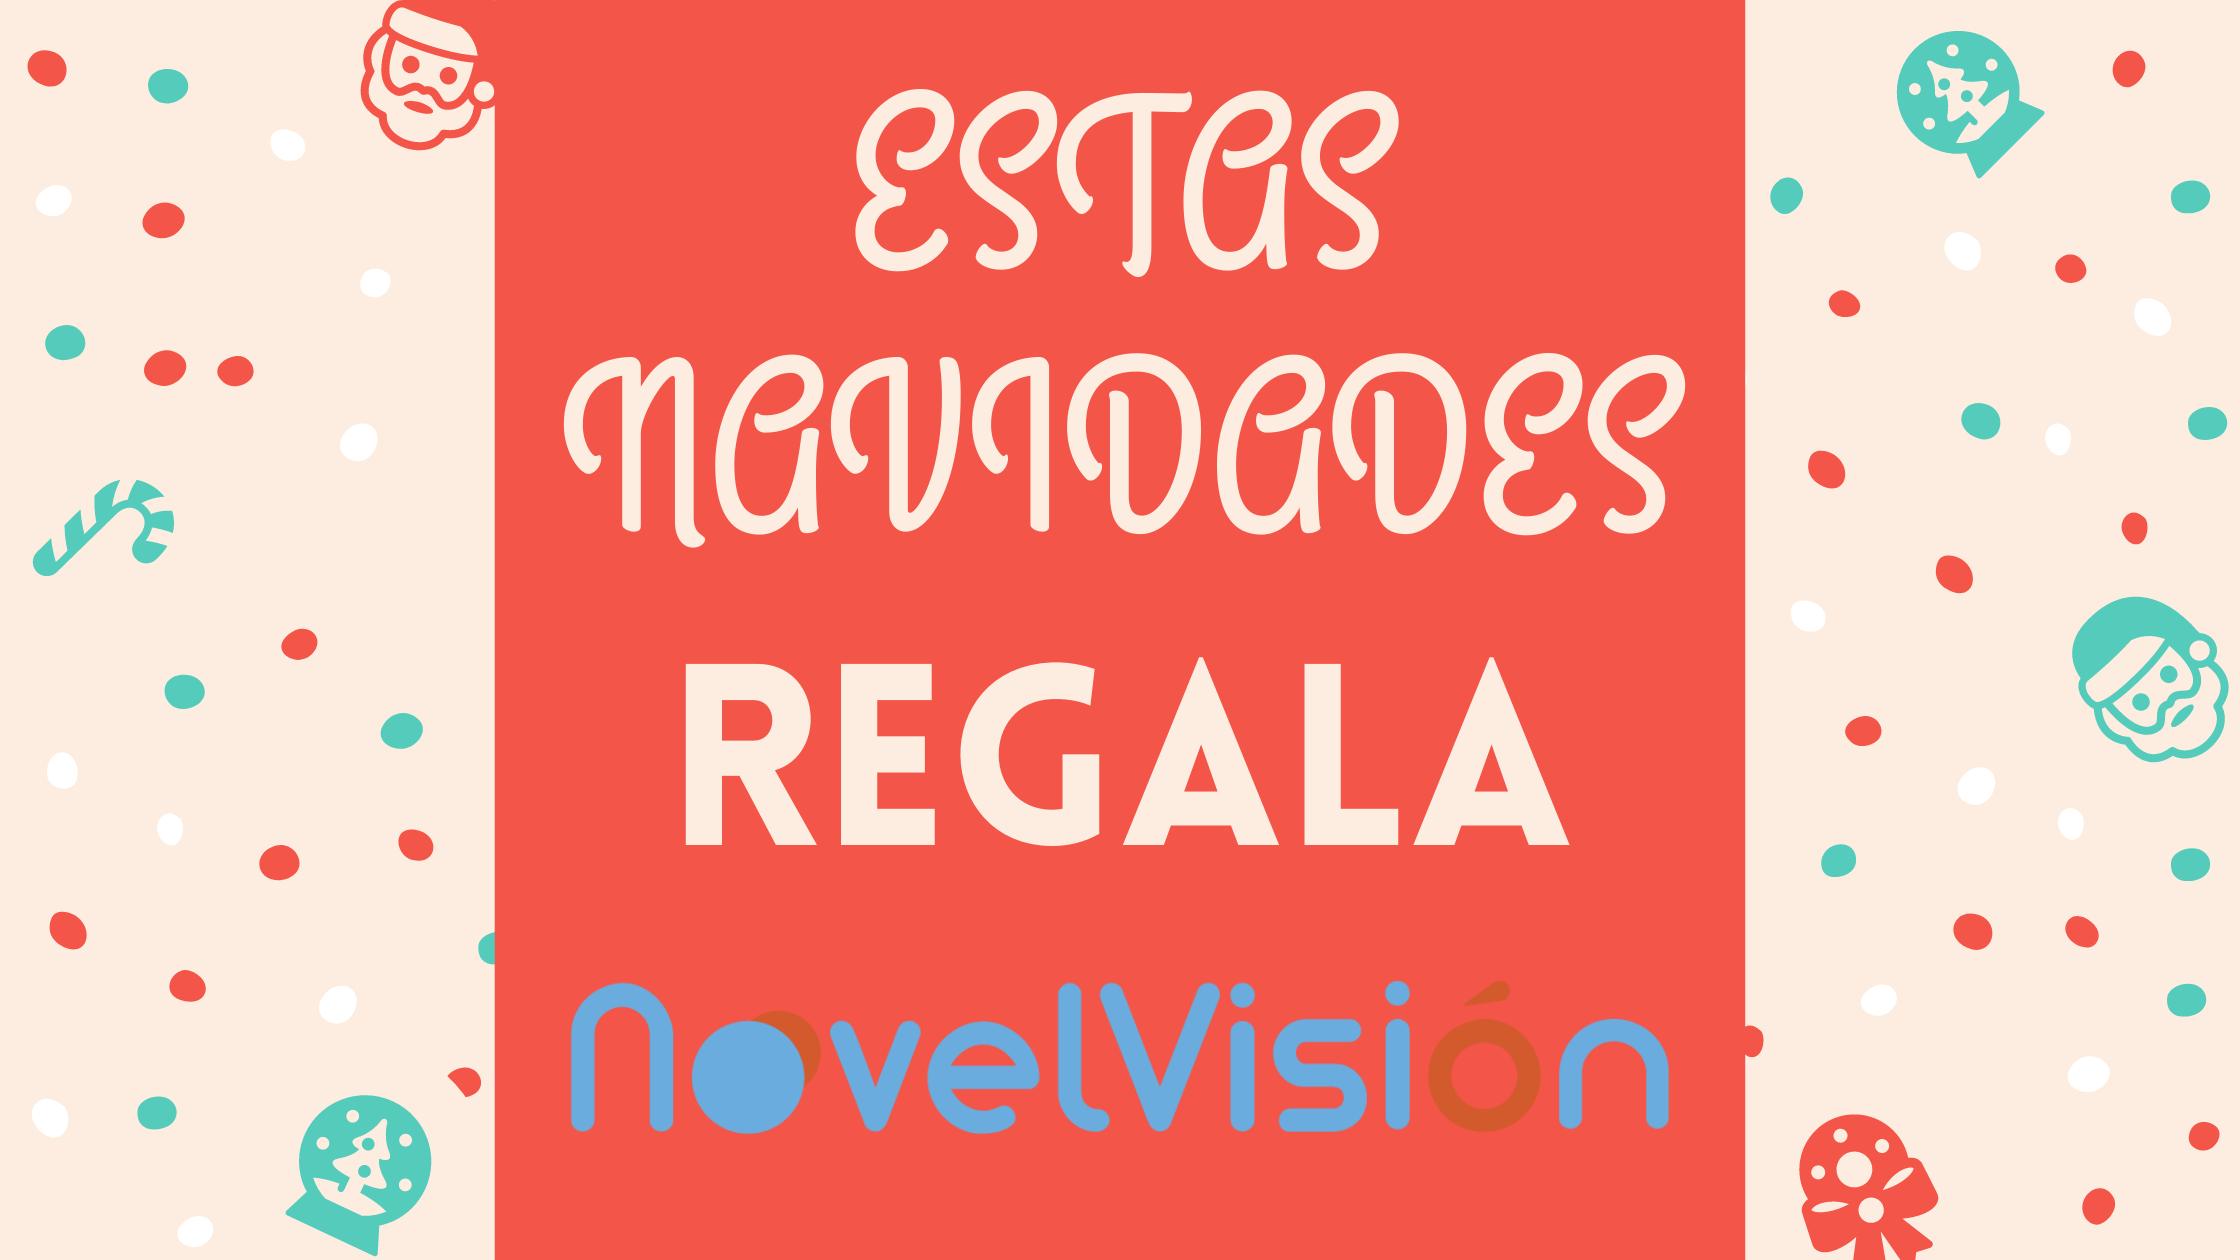 Novelvision ESTAS-NAVIDADES-REGALA INICIO